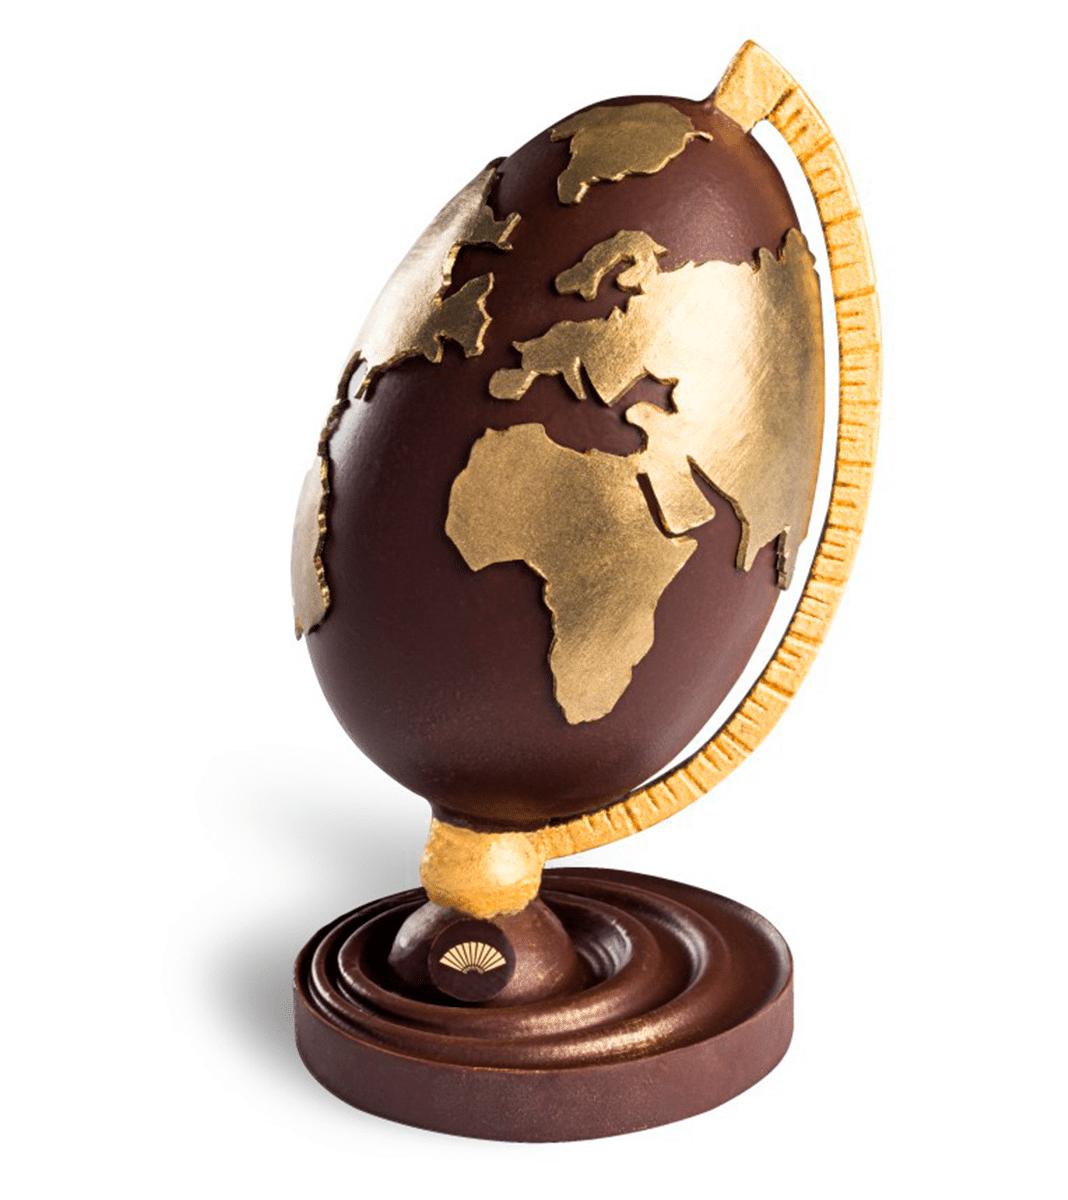 Pâques_Globe_Adrien_Bozzolo